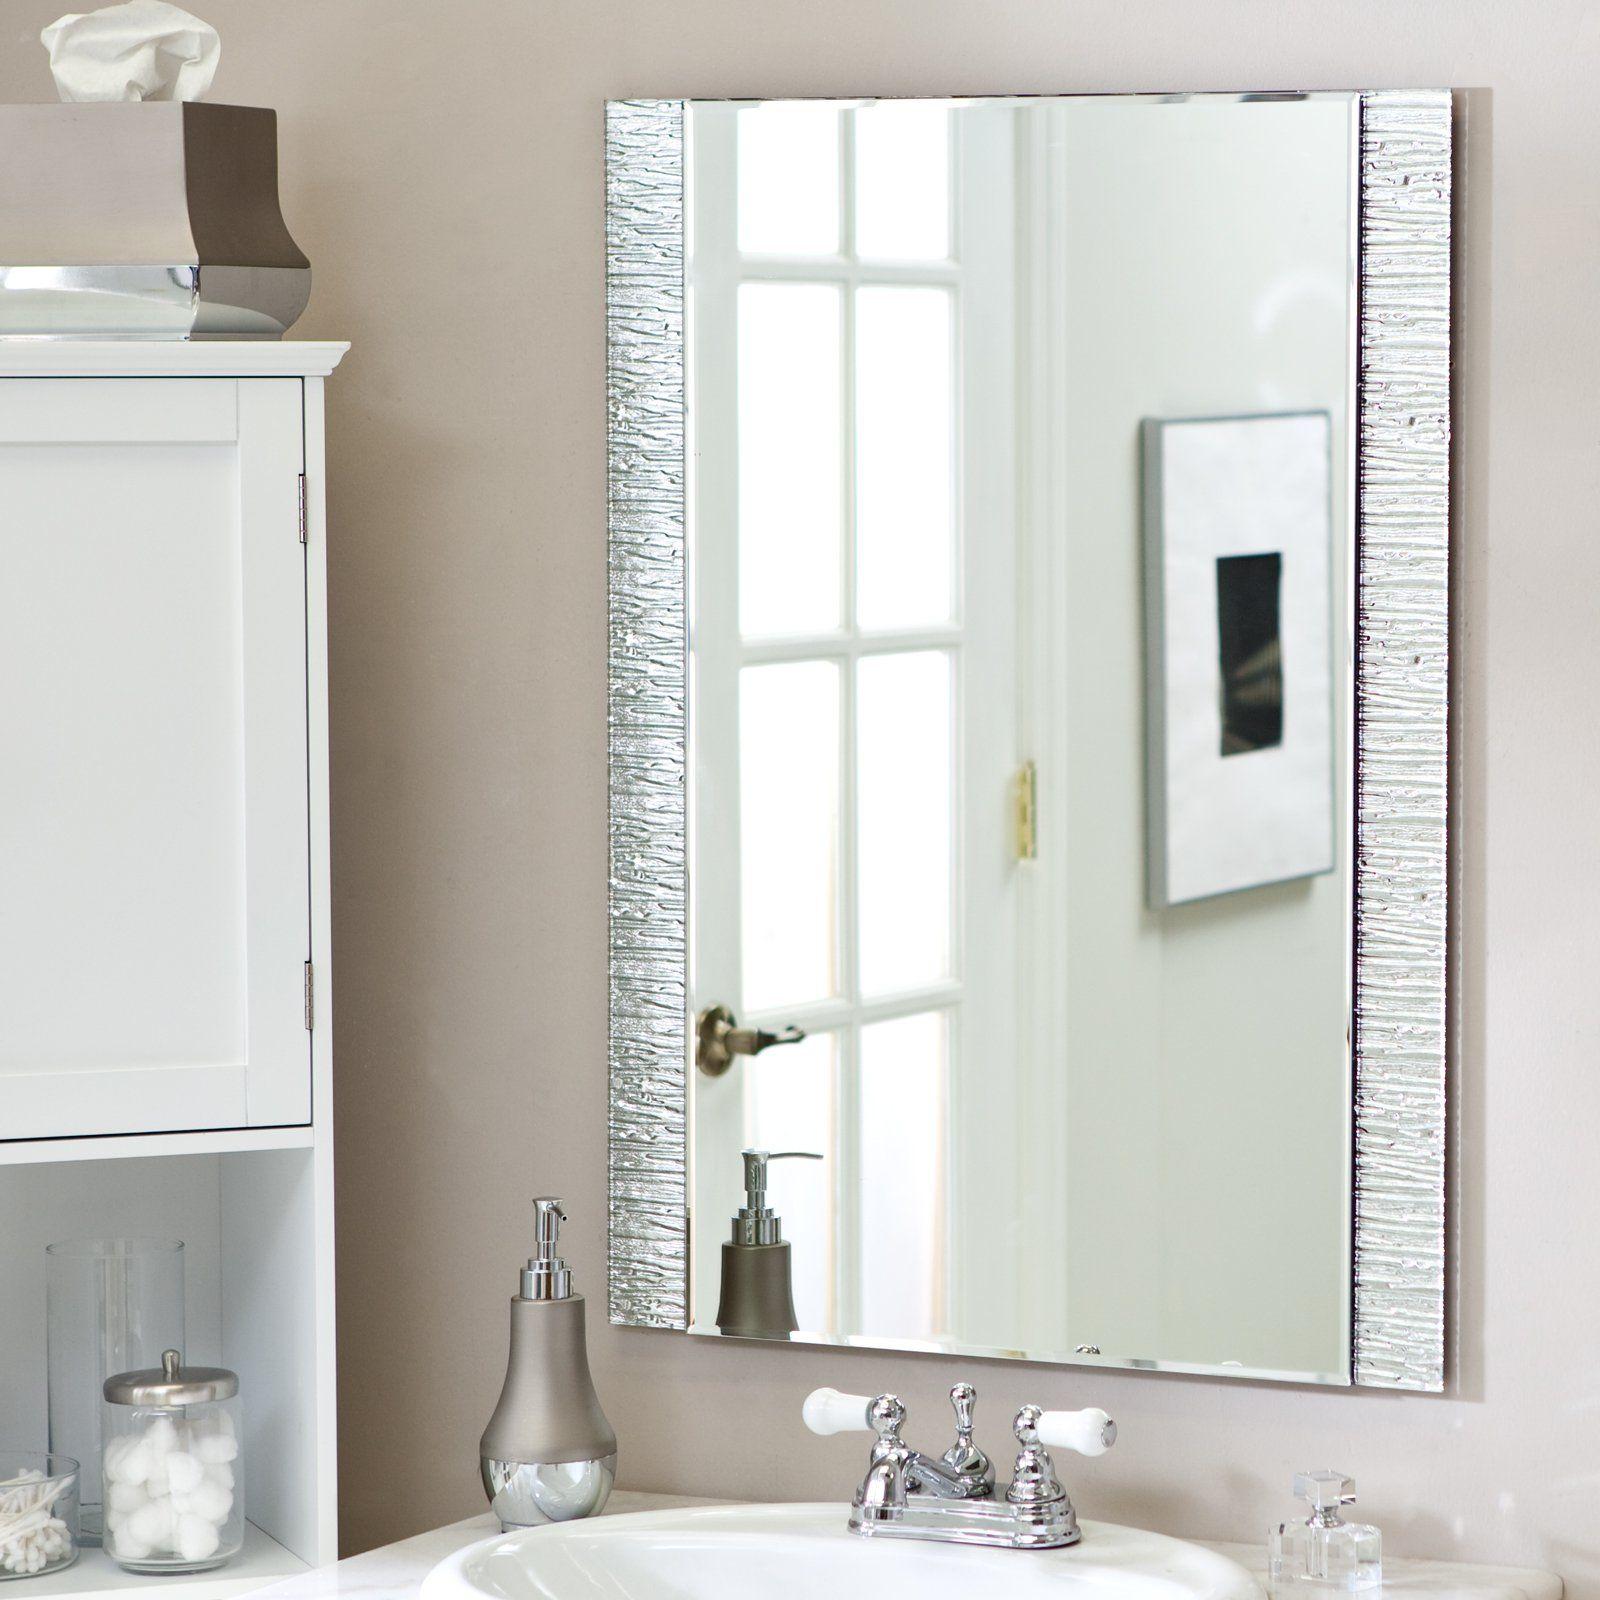 So Montieren Sie Rahmenlose Abgeschragten Spiegel Abgeschragte Rahmenlose Spiegel Eine Der Wirtschaftlichsten Mo Badezimmer Dekor Diy Diy Badezimmerspiegel